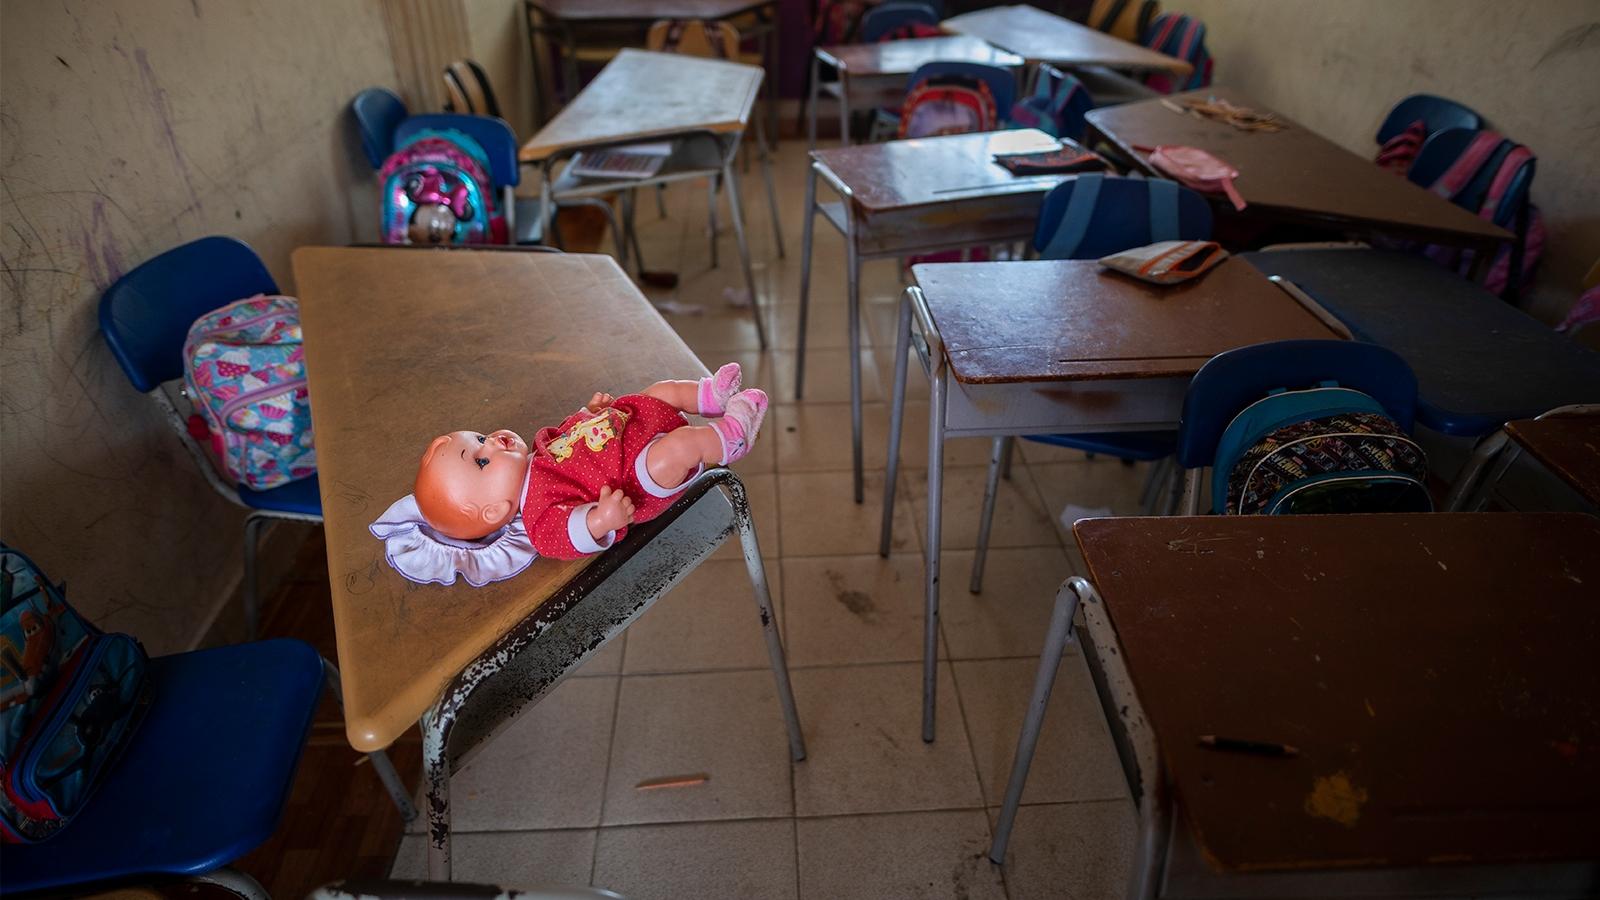 ¿Rajada la integración escolar de los niños venezolanos?